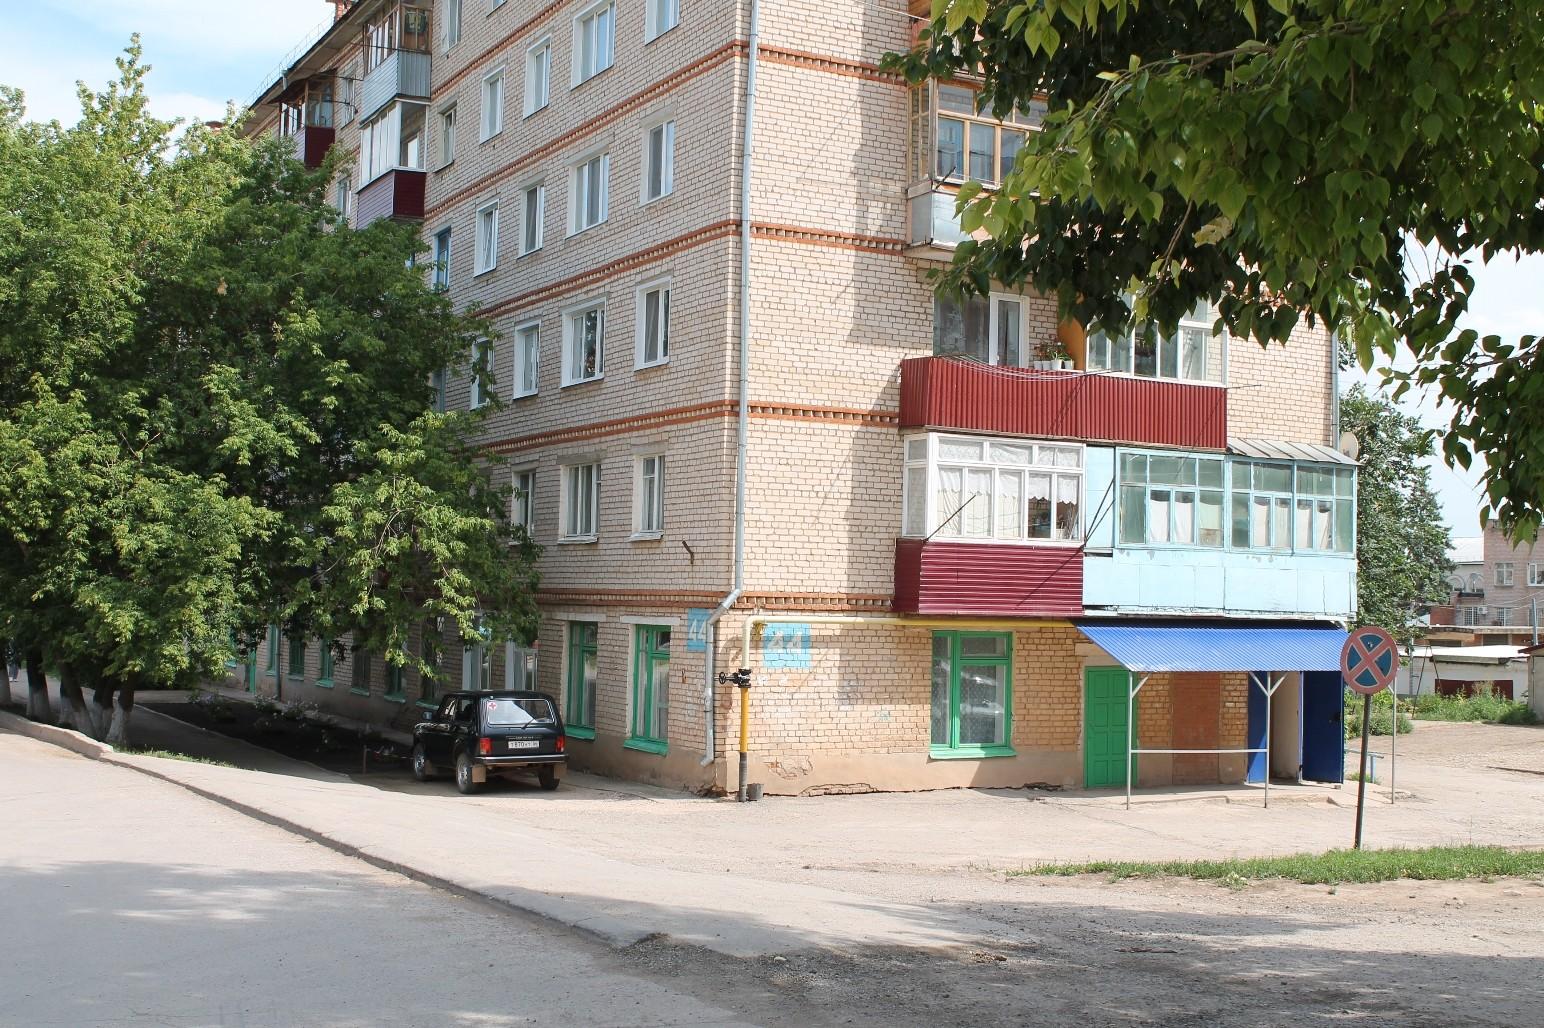 Поликлиника 10 чистопольская 43 расписание